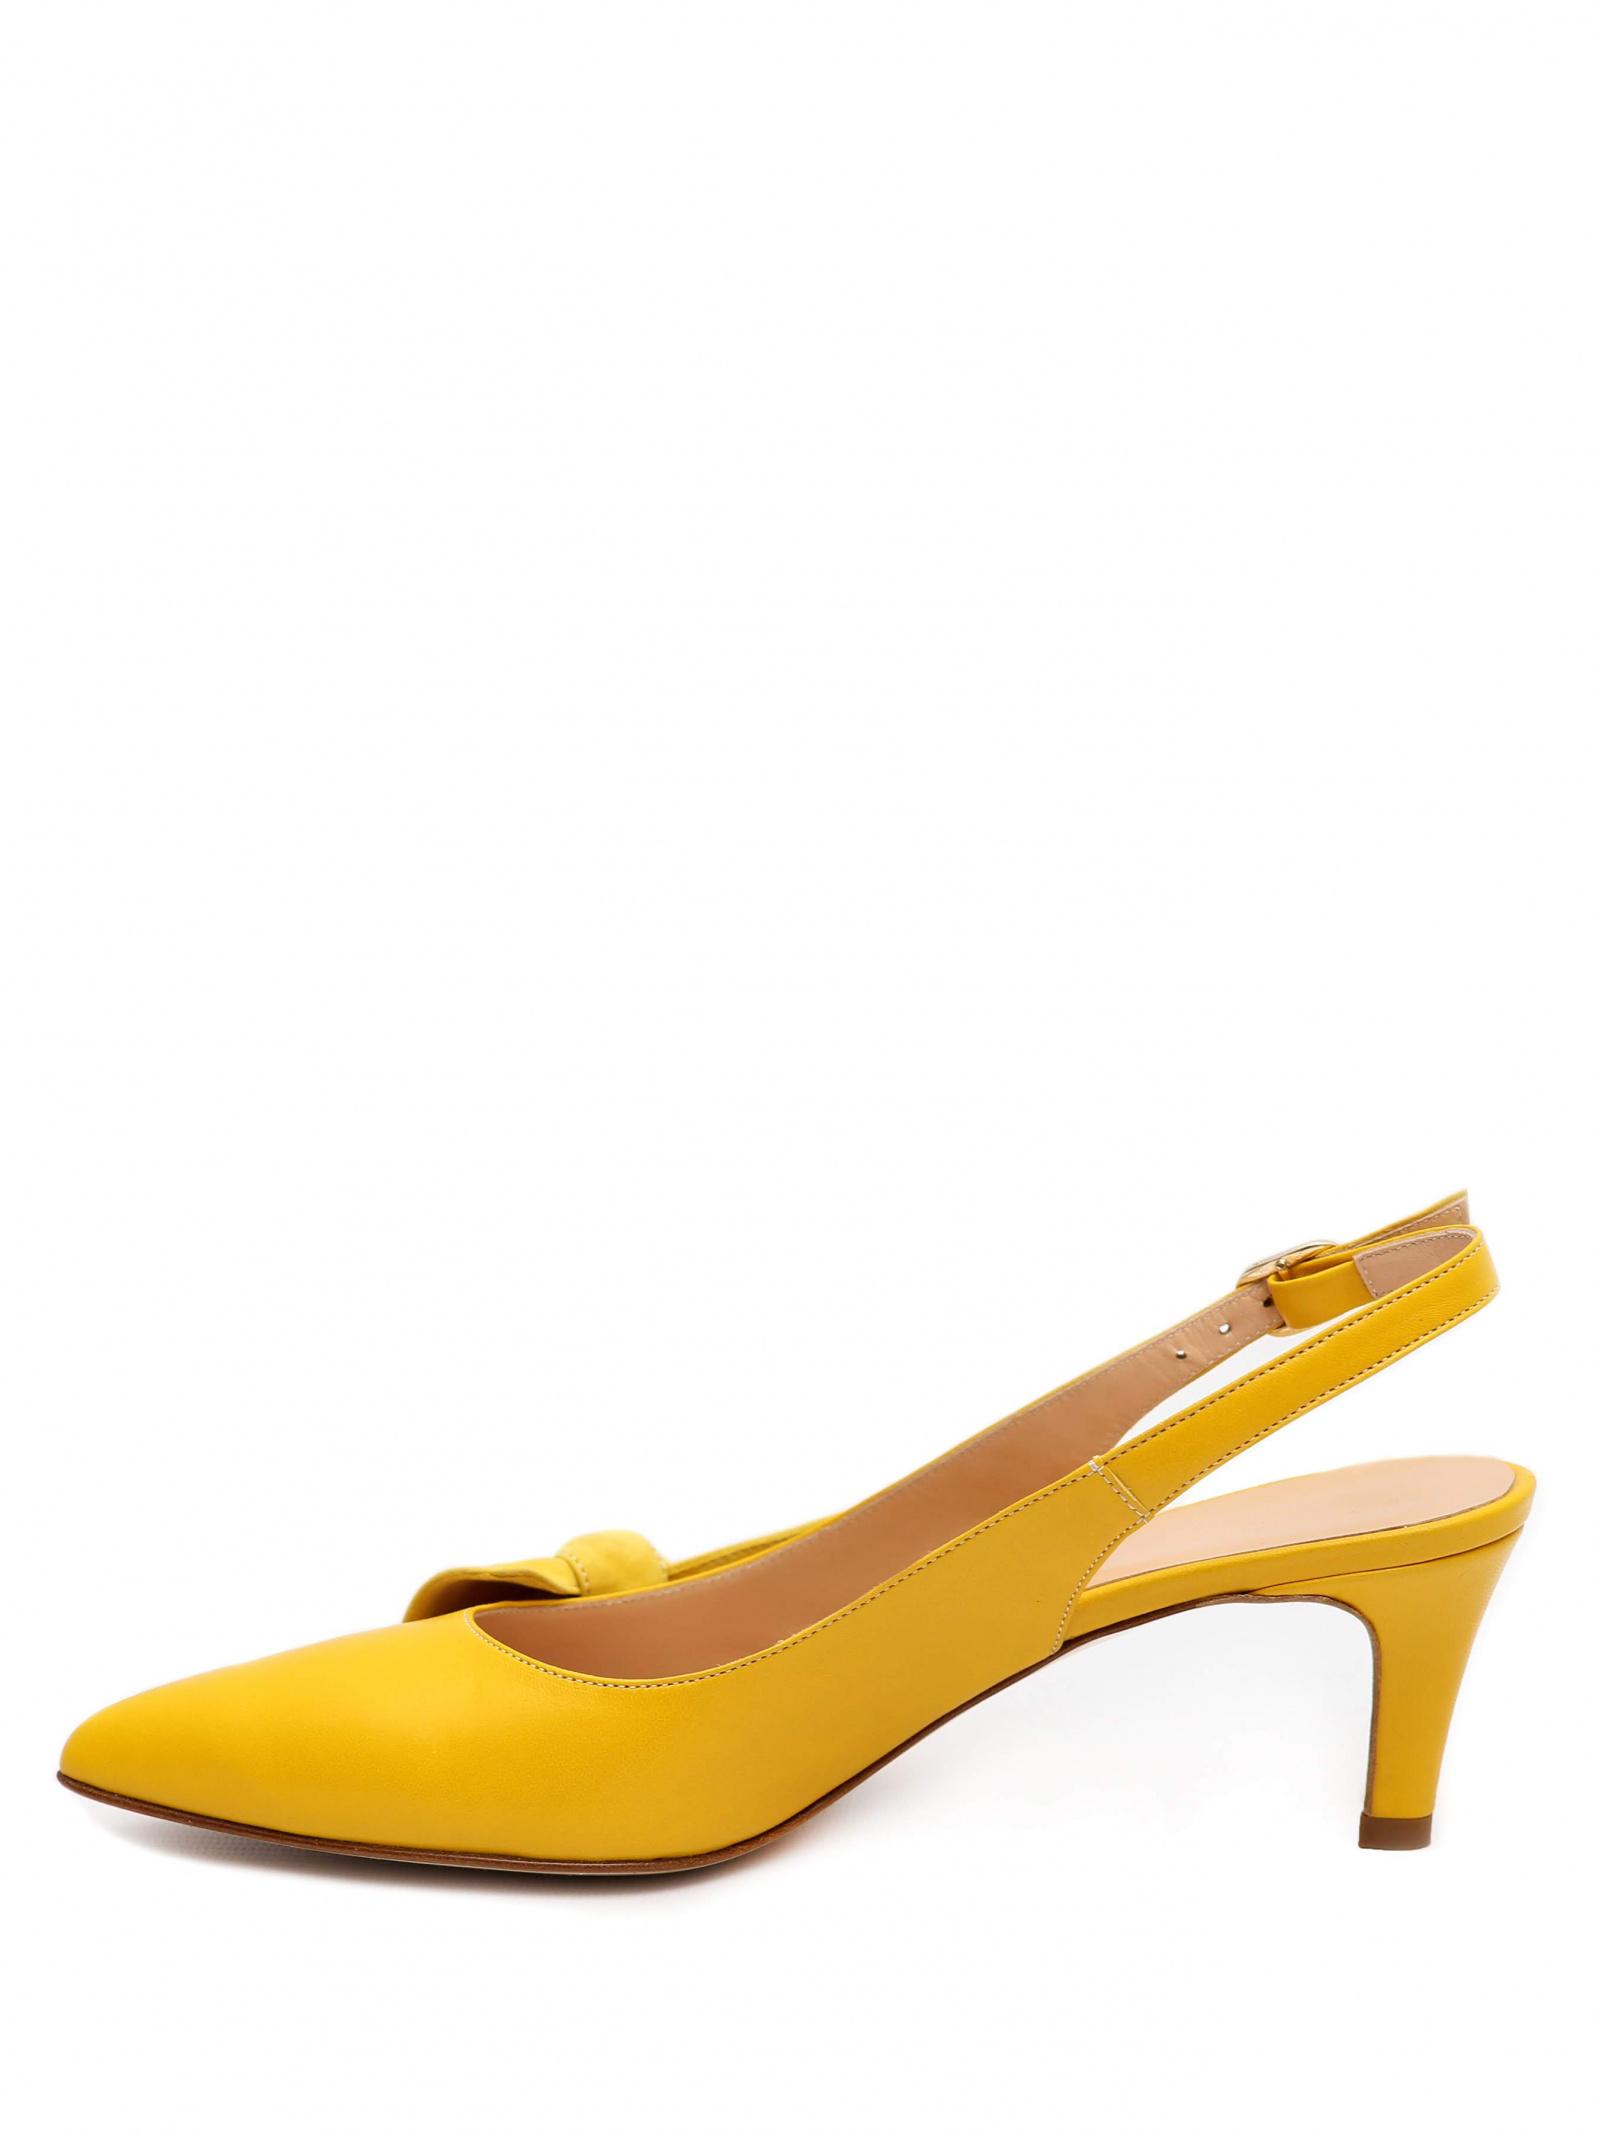 Туфлі  жіночі SITELLE LIL50YEL ціна, 2017